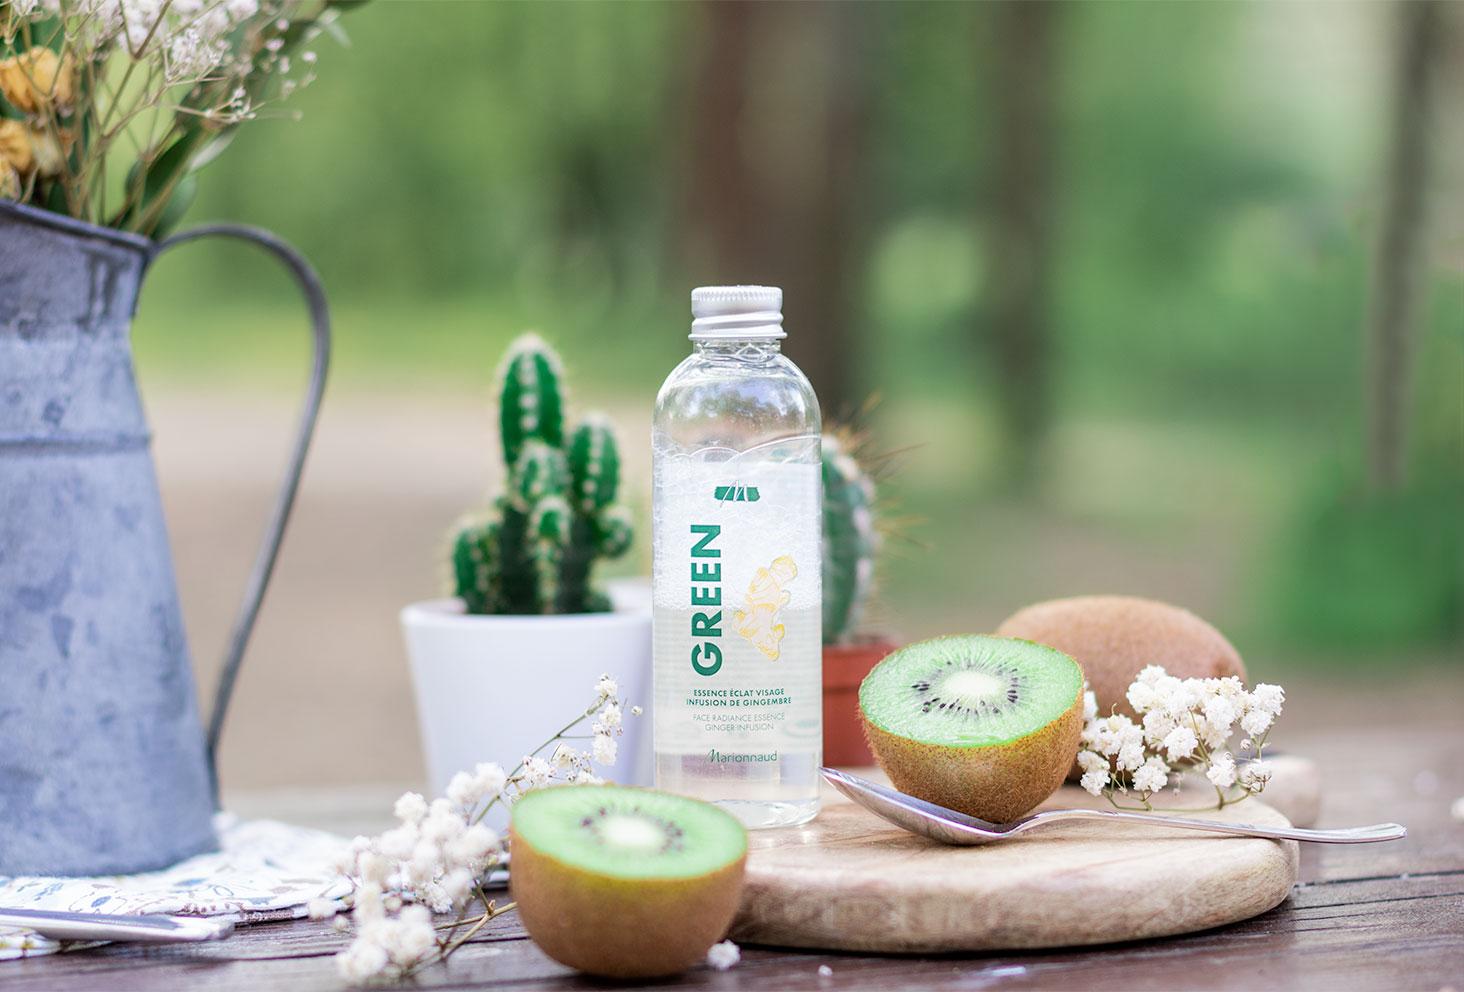 L'essence éclat visage de la gamme Green de Marionnaud pour la routine visage idéale de l'été